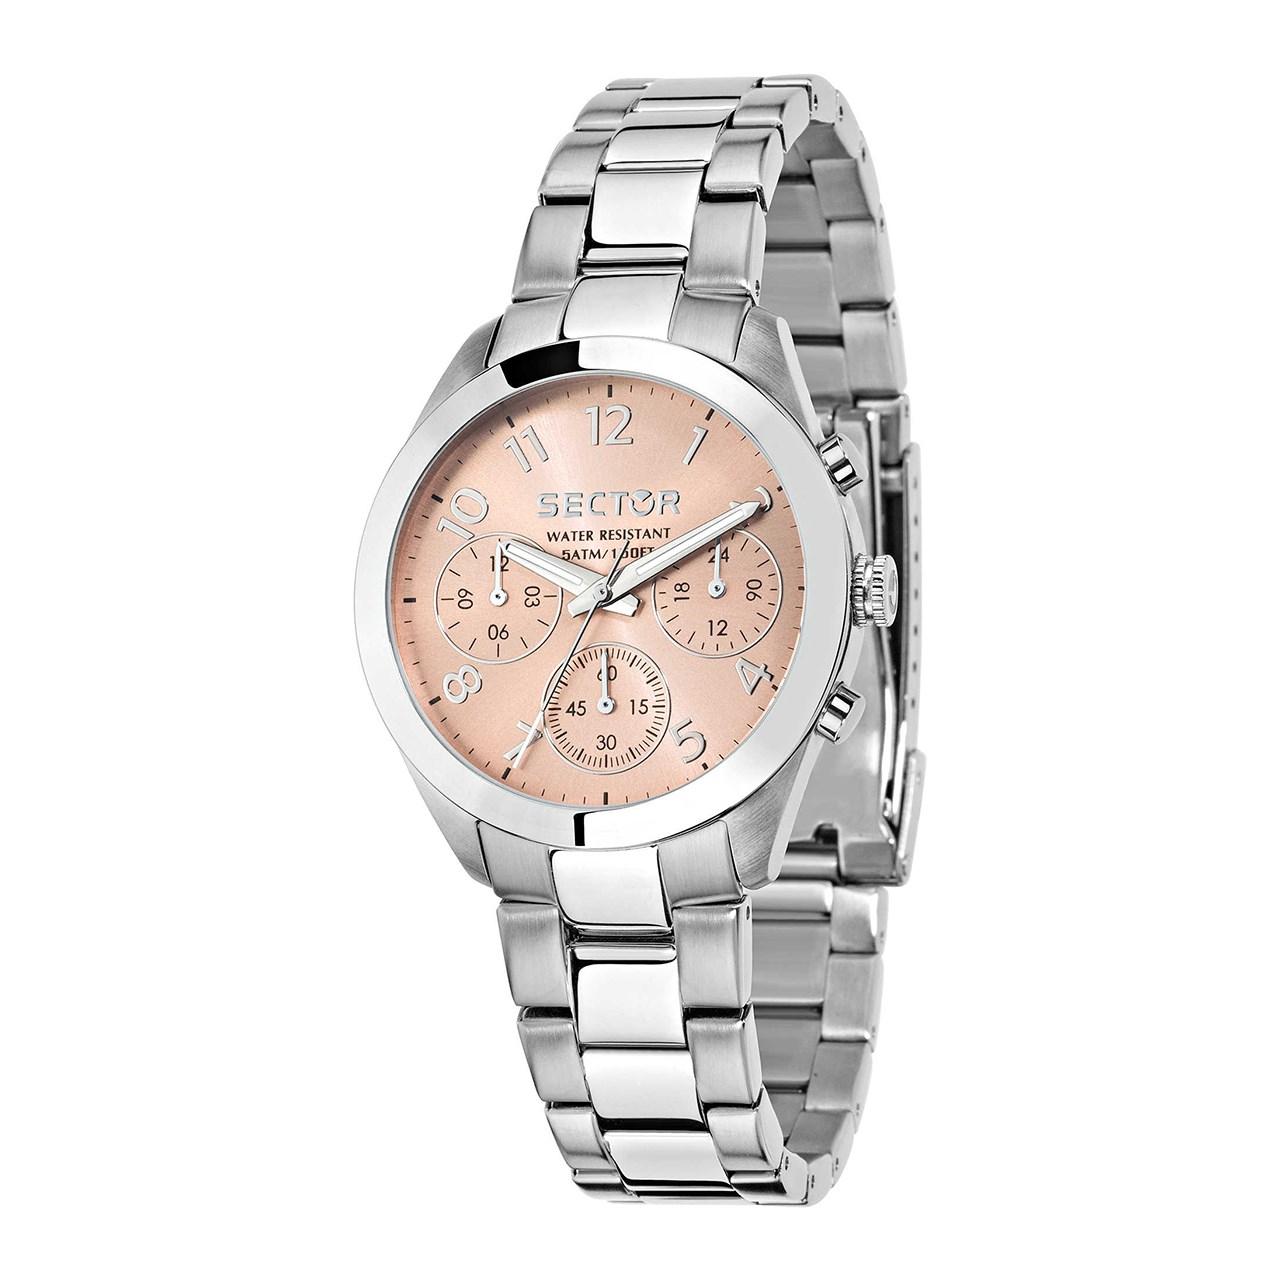 ساعت مچی عقربه ای زنانه  سکتور مدل 120-3253588503 54